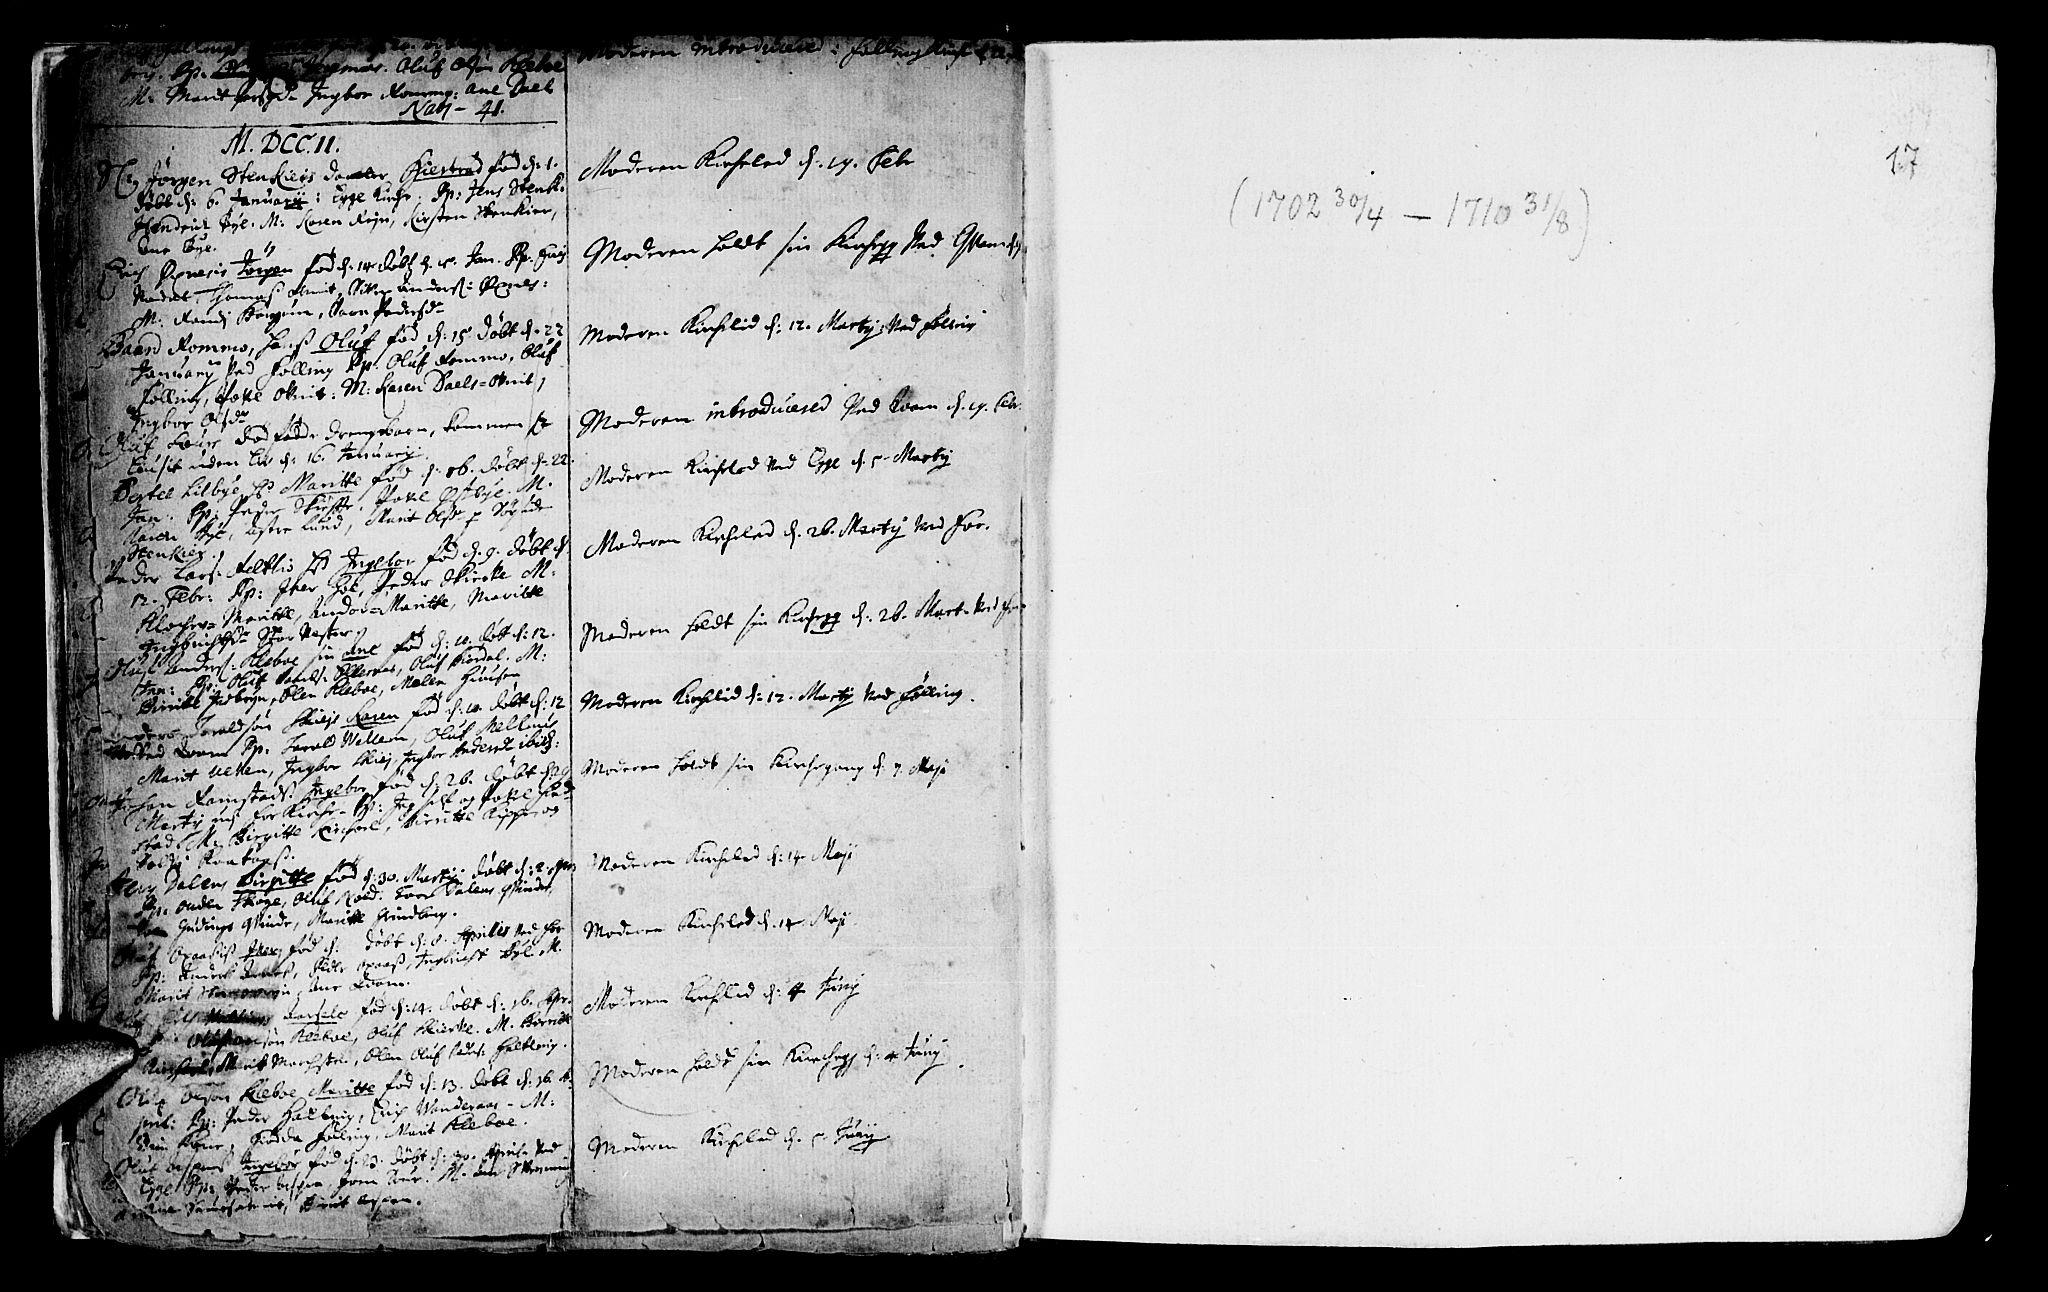 SAT, Ministerialprotokoller, klokkerbøker og fødselsregistre - Nord-Trøndelag, 746/L0439: Ministerialbok nr. 746A01, 1688-1759, s. 17